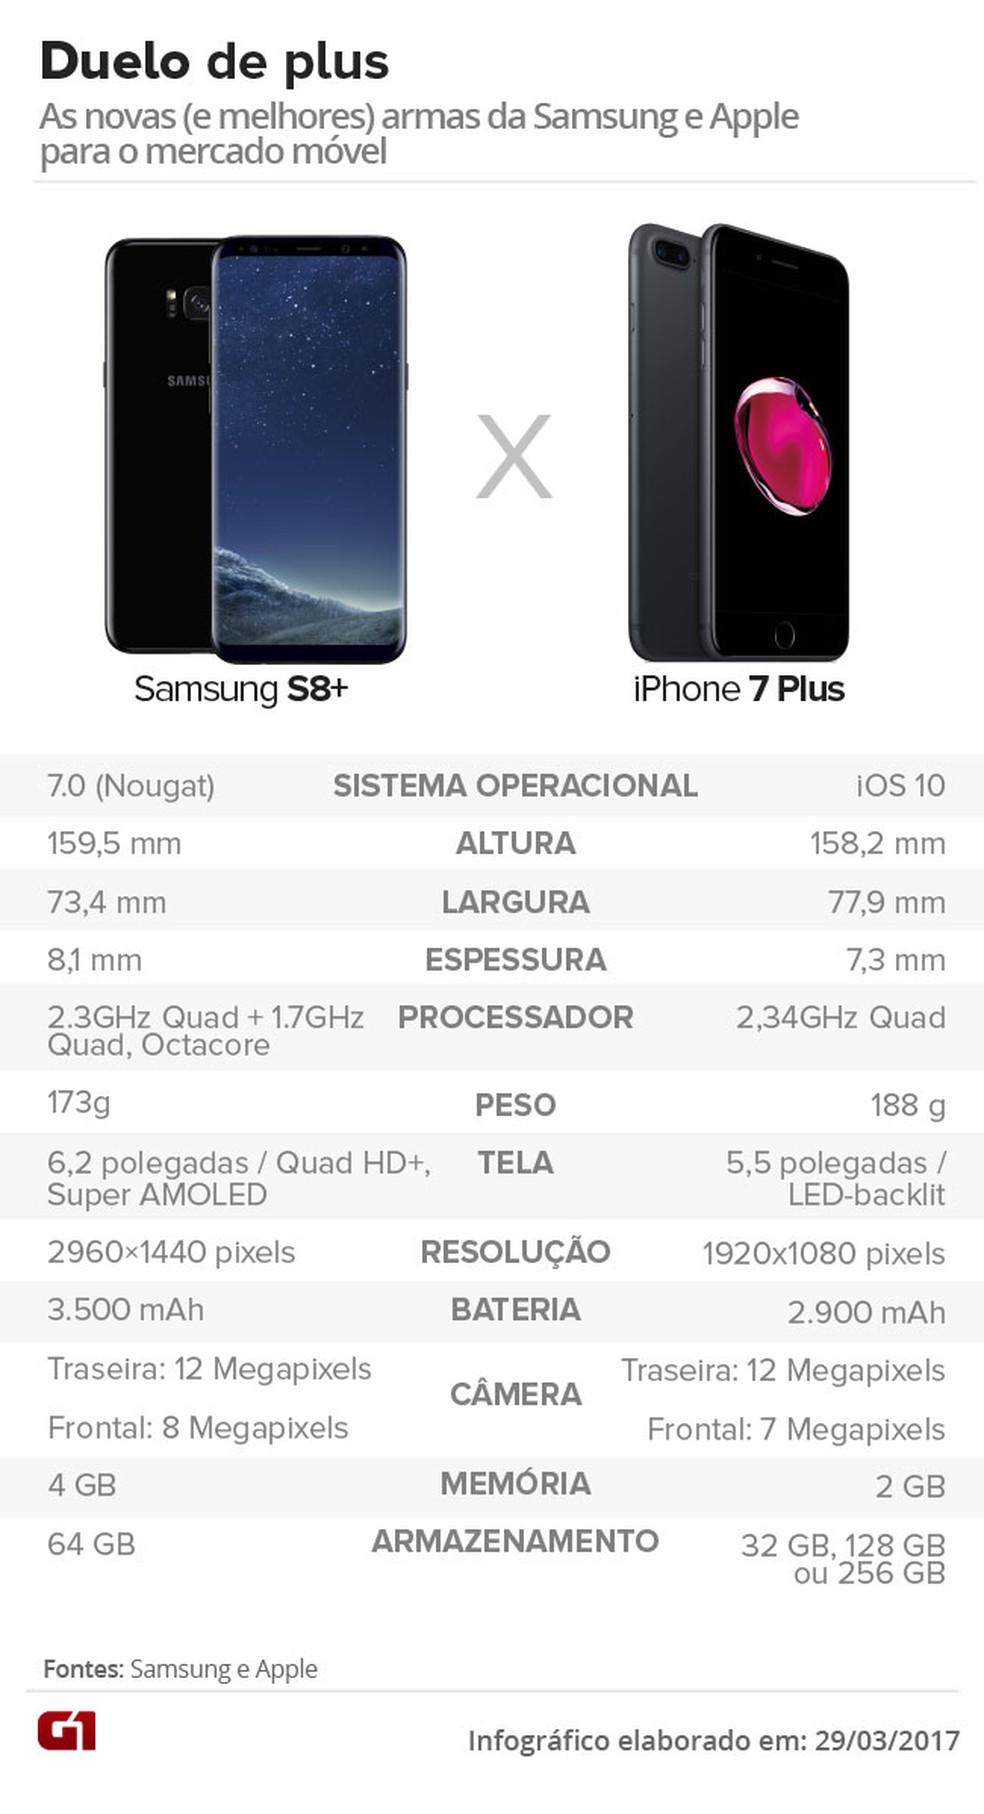 Confira comparação entre Samsung S8+ e iPhone 7 Plus (Foto: Arte/G1)